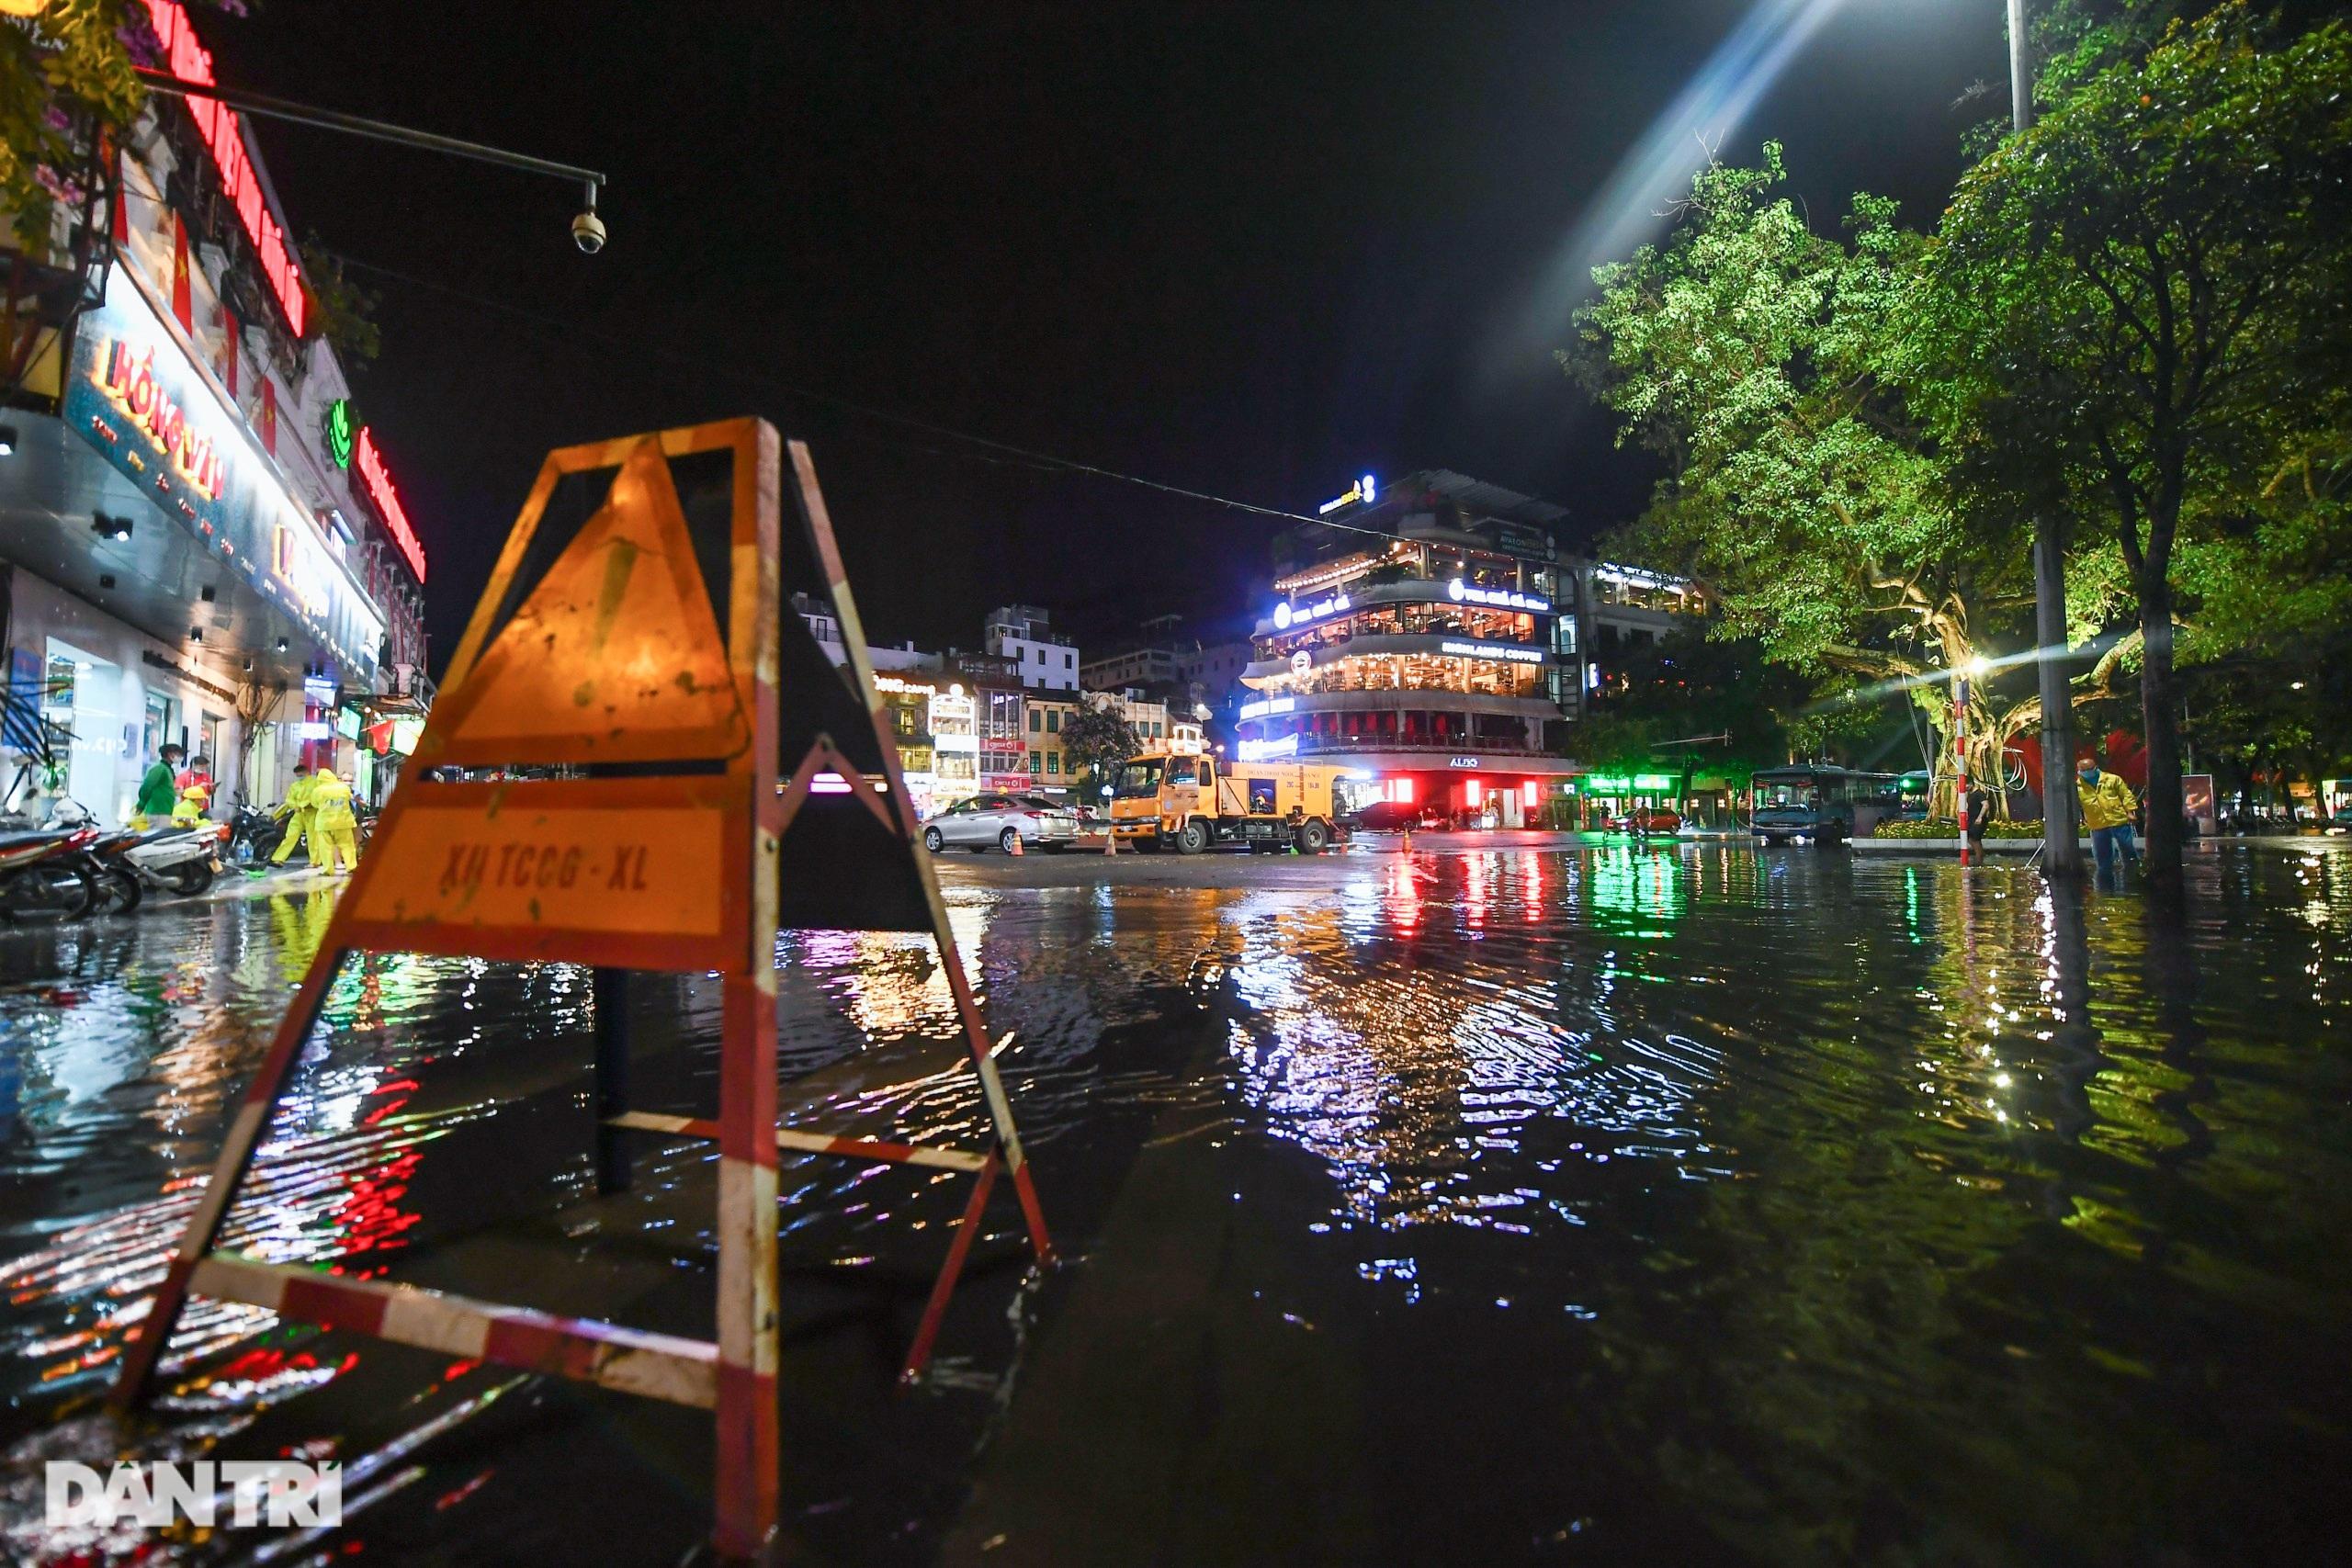 Hà Nội ngập sâu trong nước sau cơn mưa ngắn chưa đầy 1 tiếng đồng hồ - 11